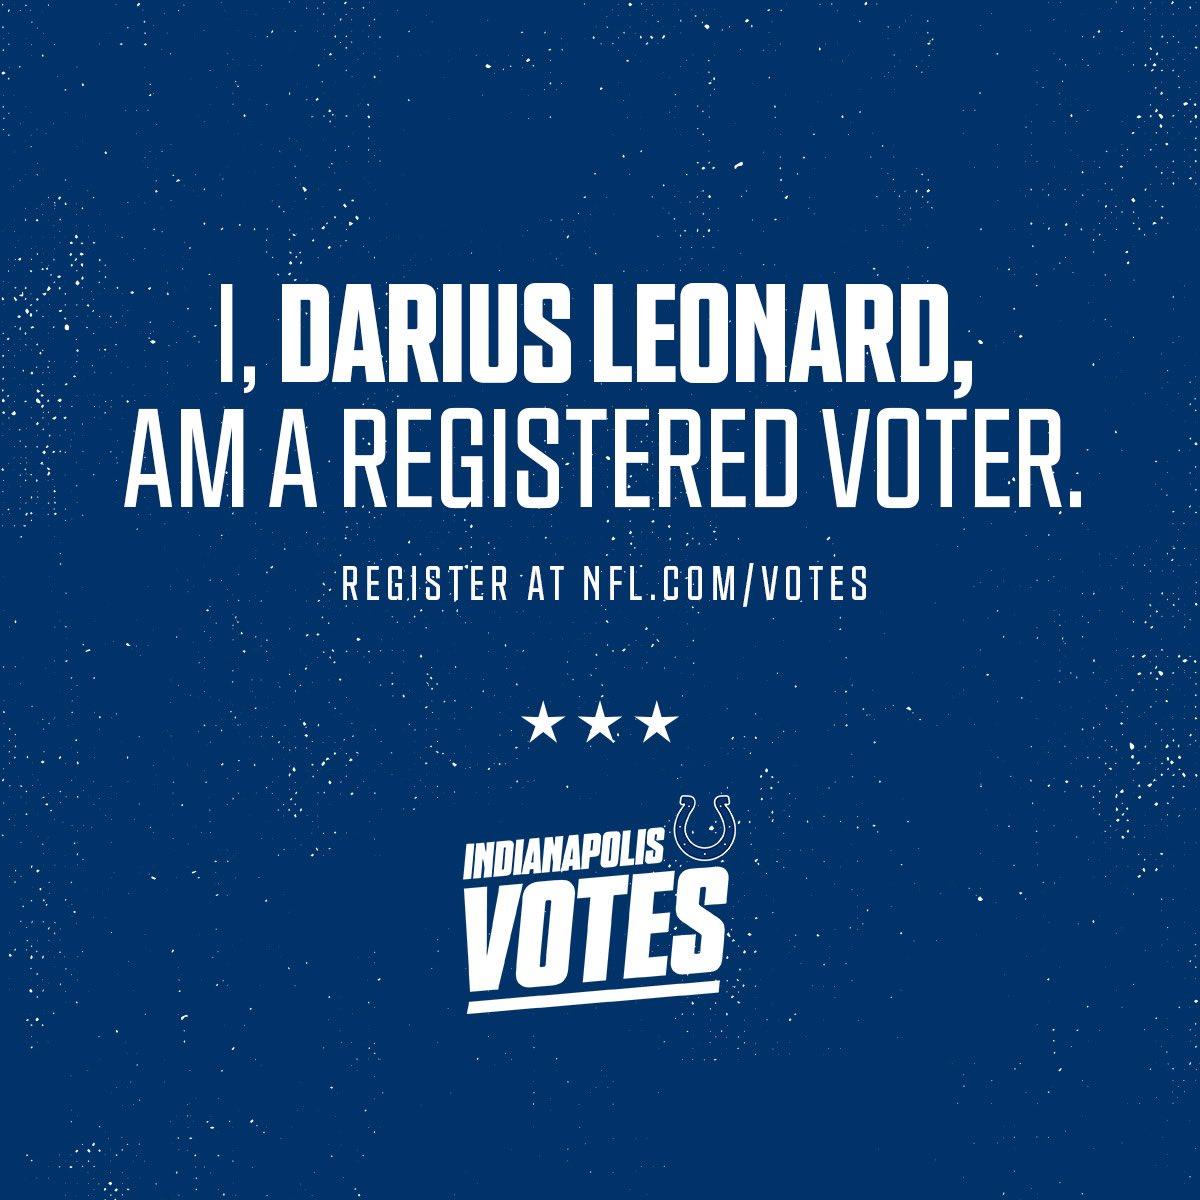 Make your voice heard! Register to vote at NFL.com/Votes #NFLVotes @NFL